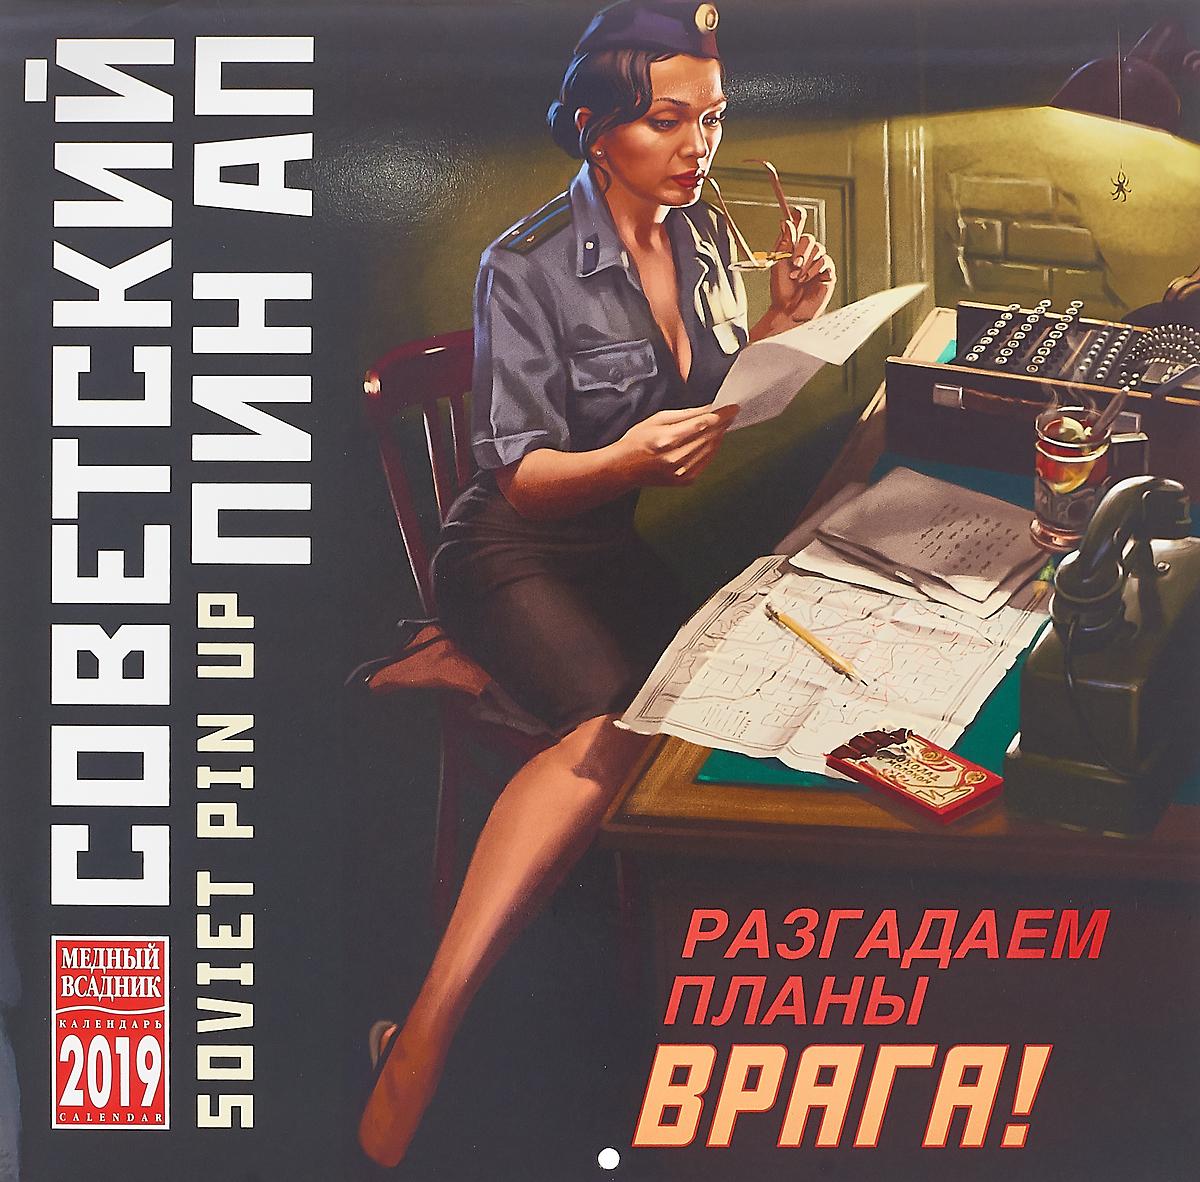 Календарь на спирали на 2019 год. Советский Пин ап календарь 2019 на спирали пейзаж в мировом искусстве